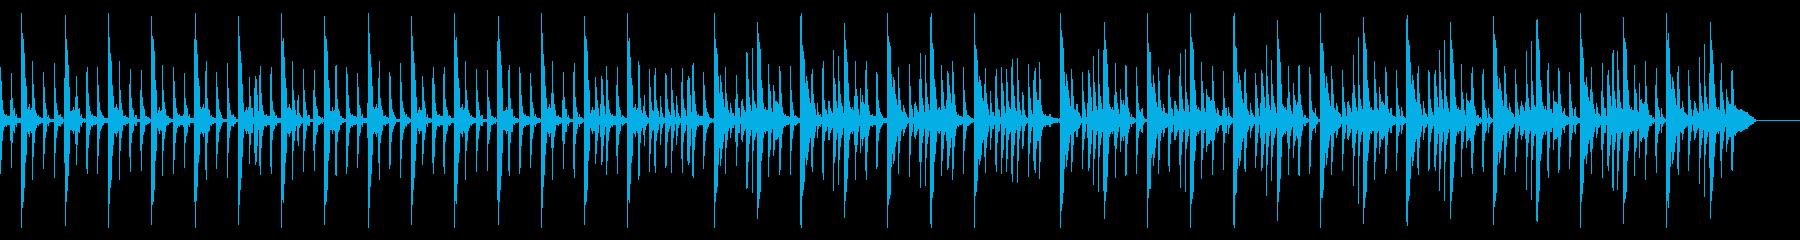 キックなし、167 BPMの再生済みの波形